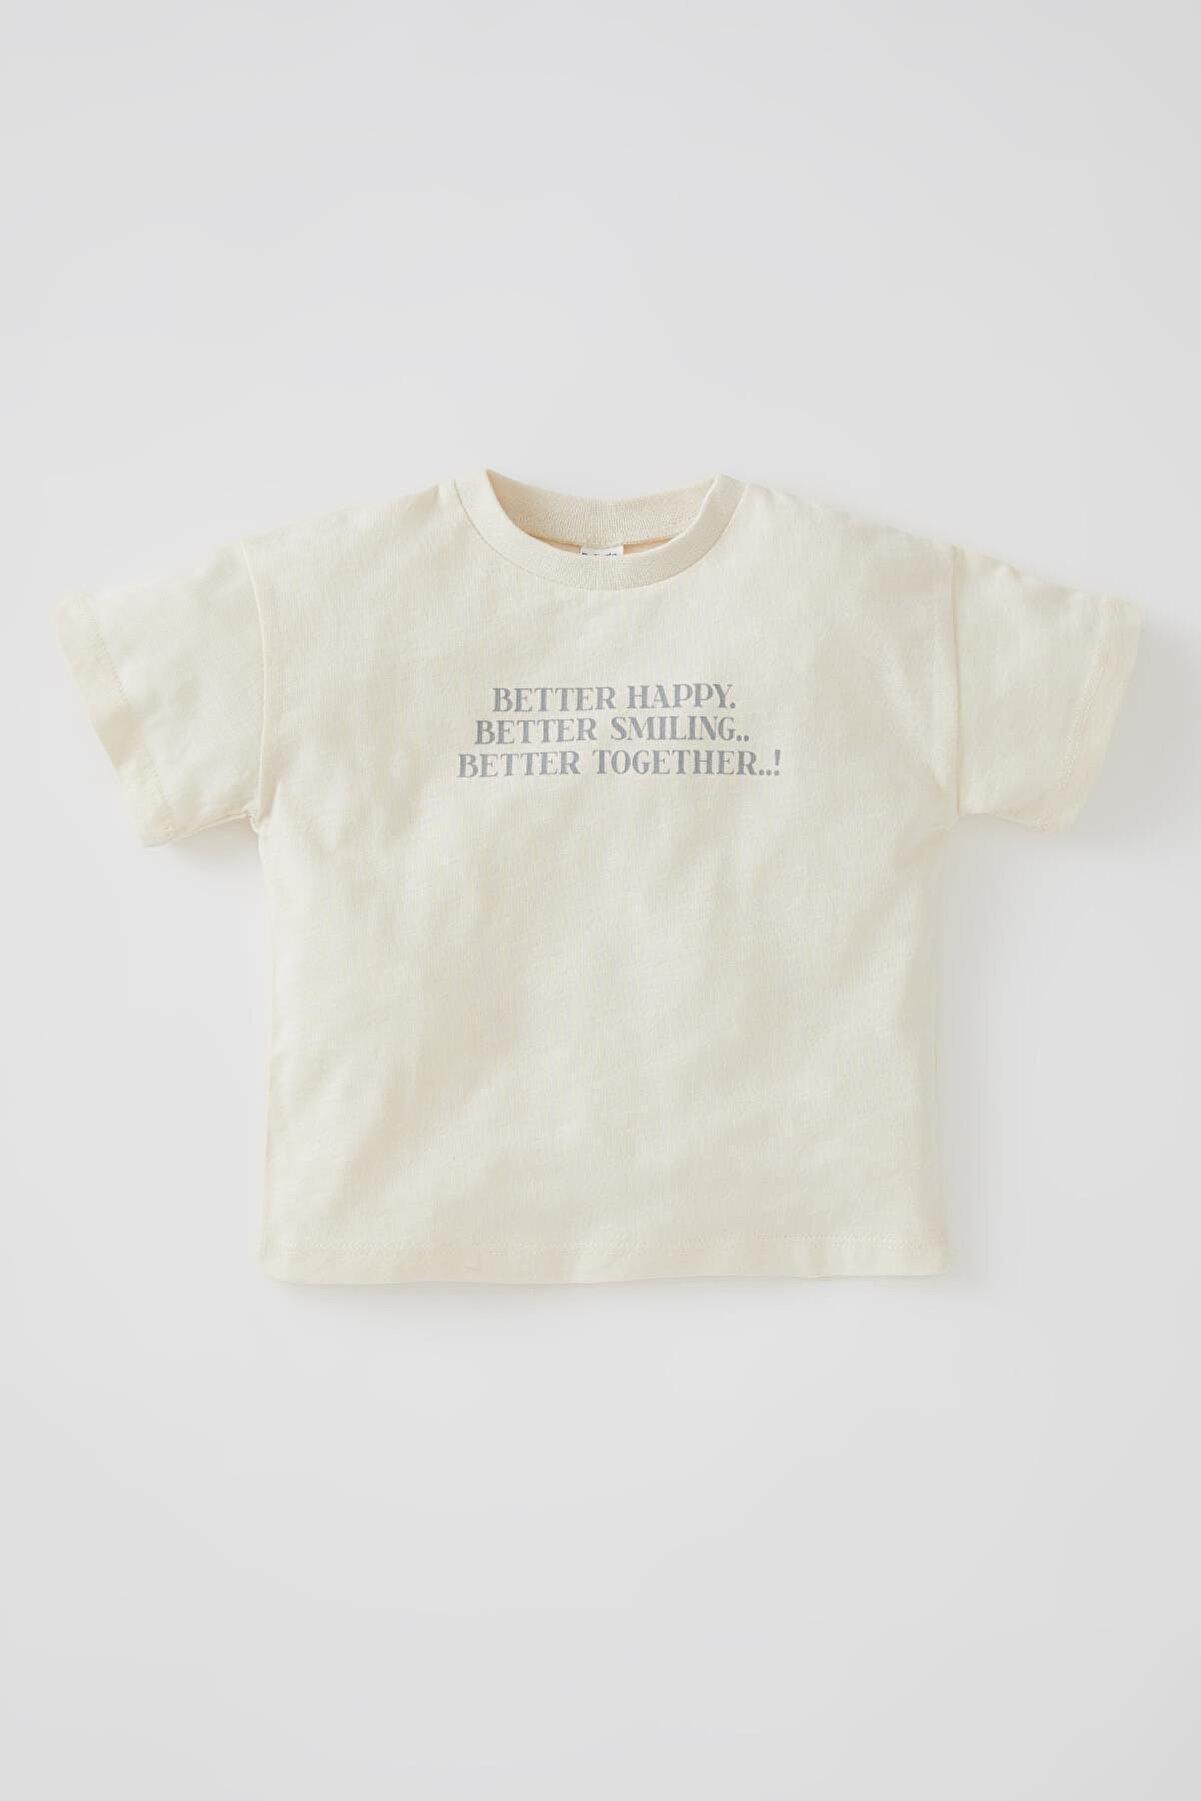 Defacto Unisex Slogan Baskılı Kısa Kollu Organik Pamuklu Tişört